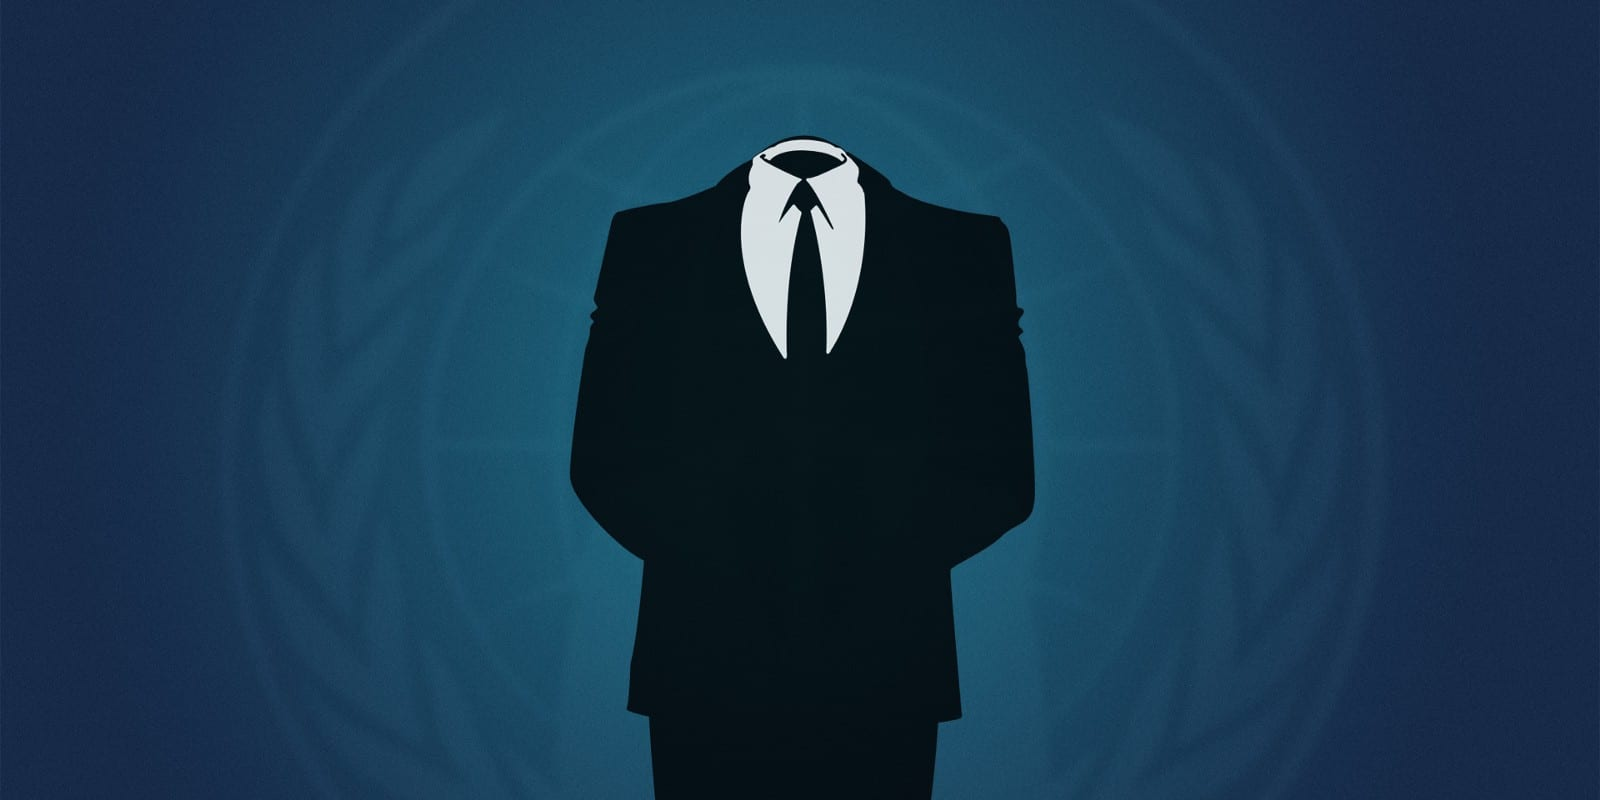 ΕΔΔΑ: Βγάλτε τις κουκούλες των ανώνυμων μαρτύρων εάν δεν συντρέχουν λόγοι – Τι αναφέρει σε απόφασή του περί μη δίκαιης δίκης